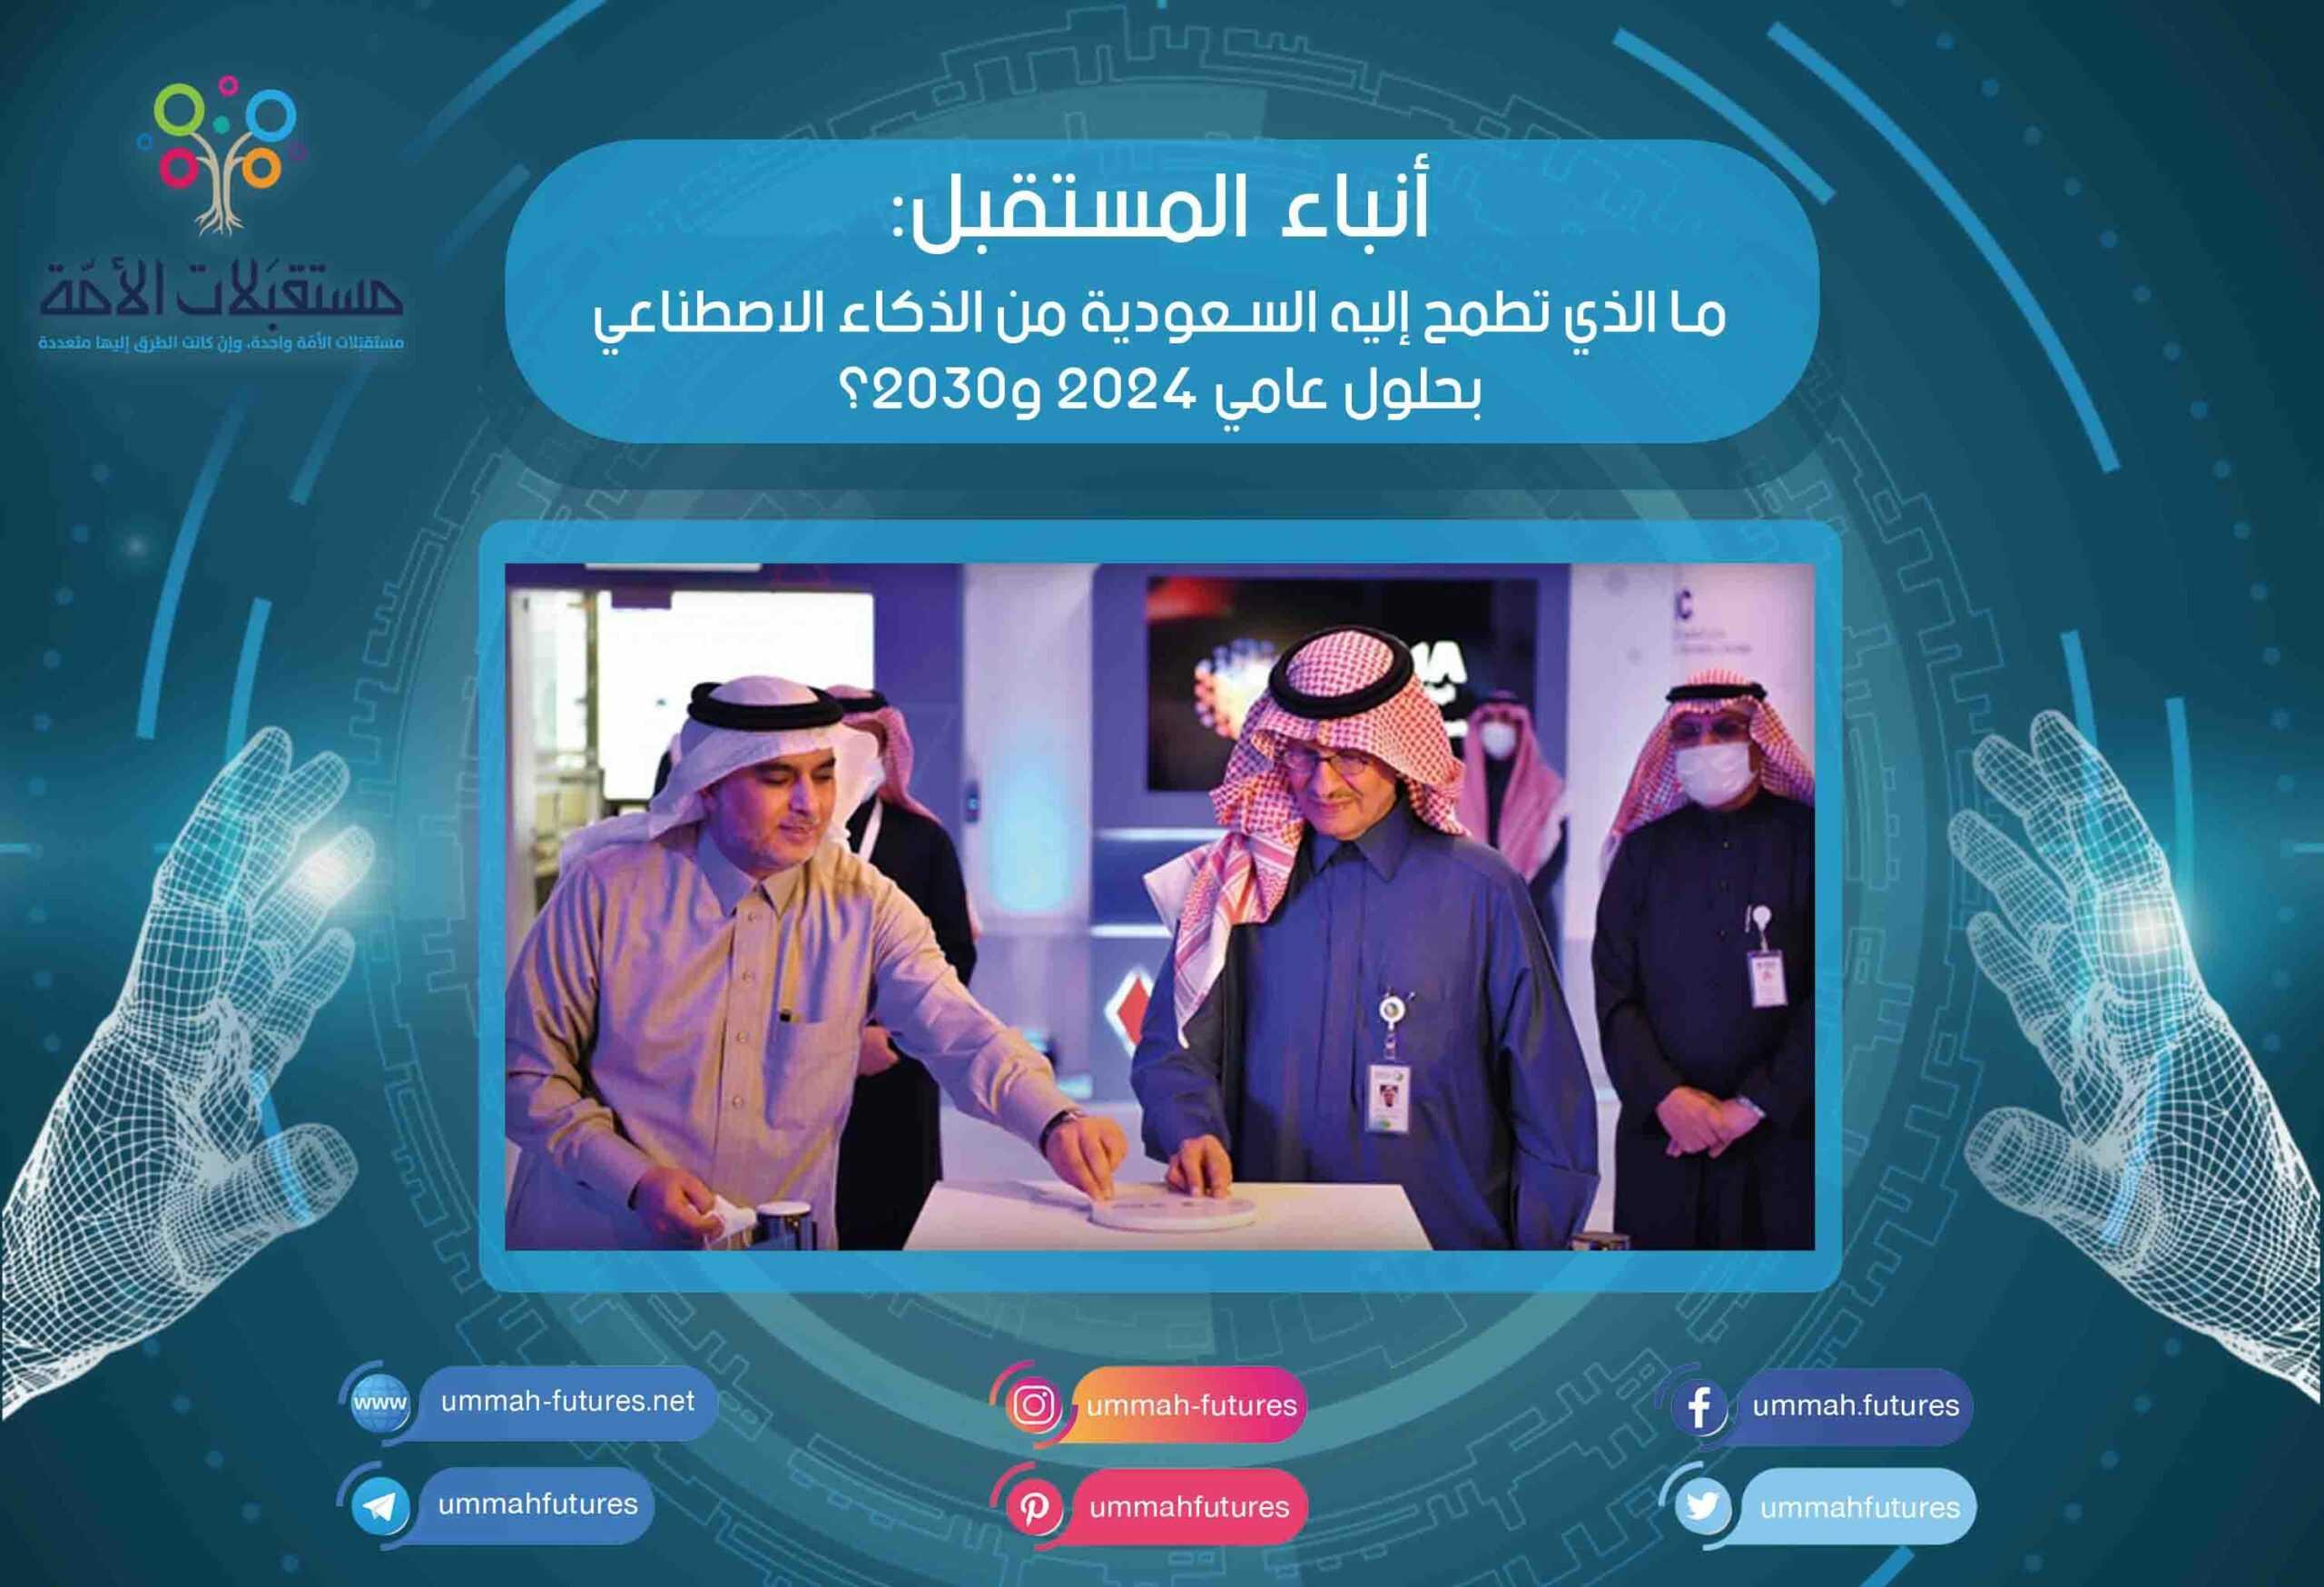 ما الذي تطمح إليه السعودية من الذكاء الاصطناعي بحلول عامي 2024 و2030؟